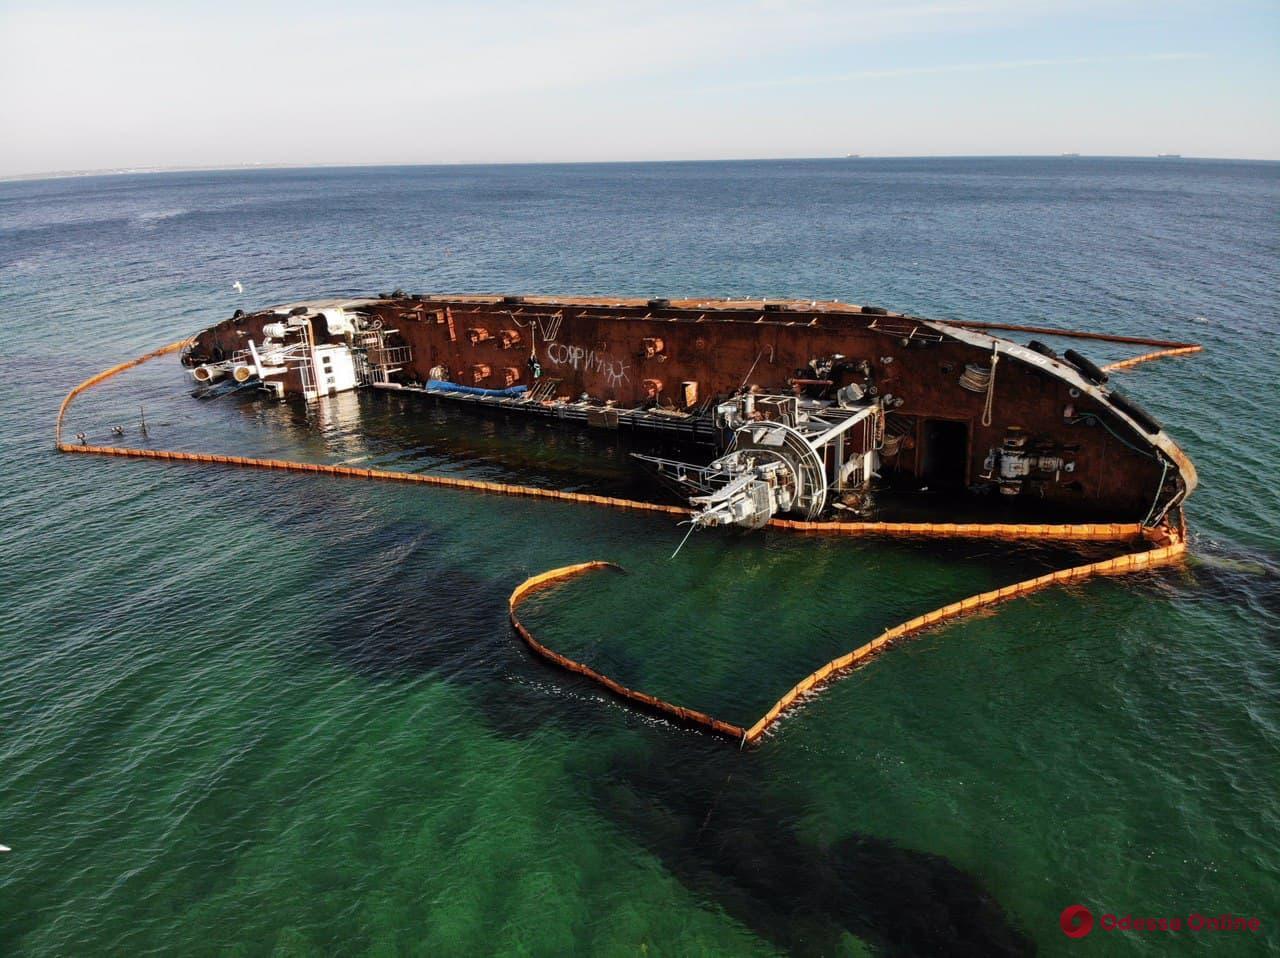 Администрация морпортов требует передать ей право на подъем затонувшего танкера Delfi